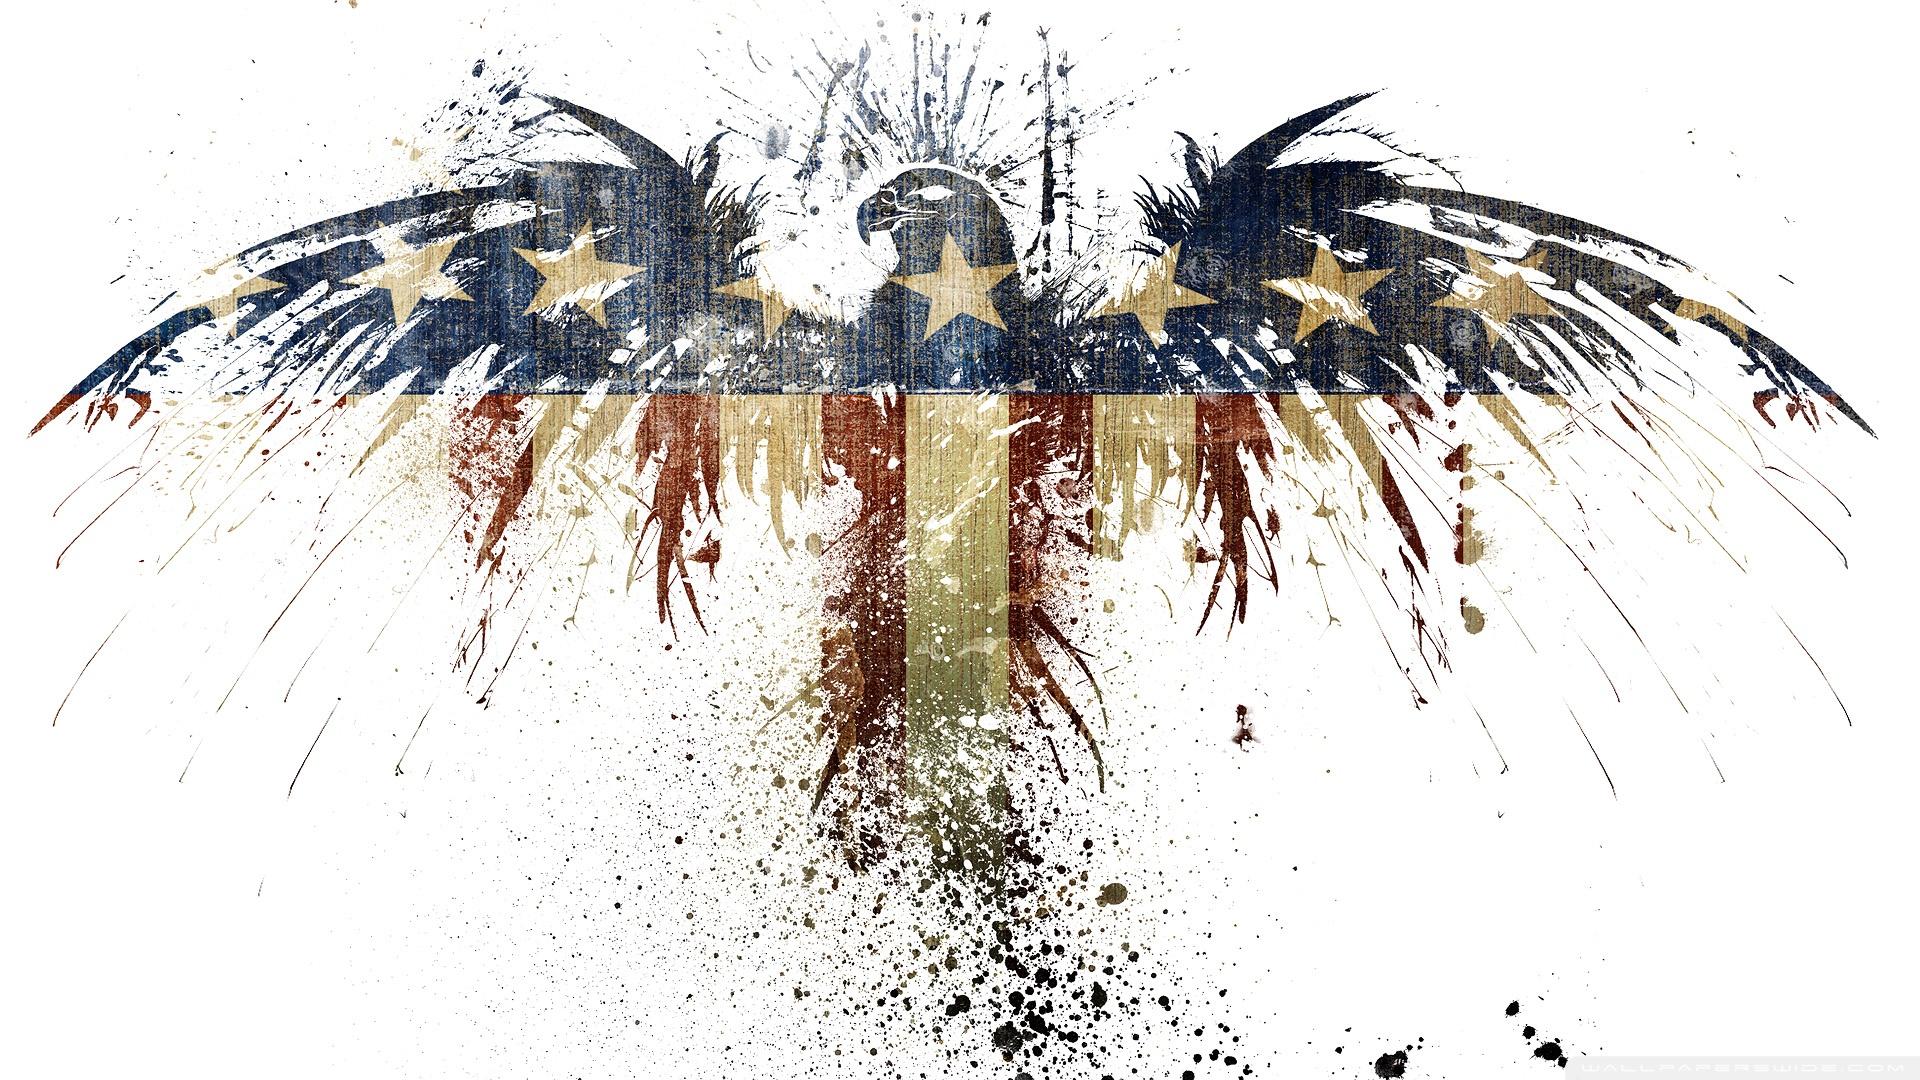 American Flag Wallpaper 1920x1080 Wallpapersafari